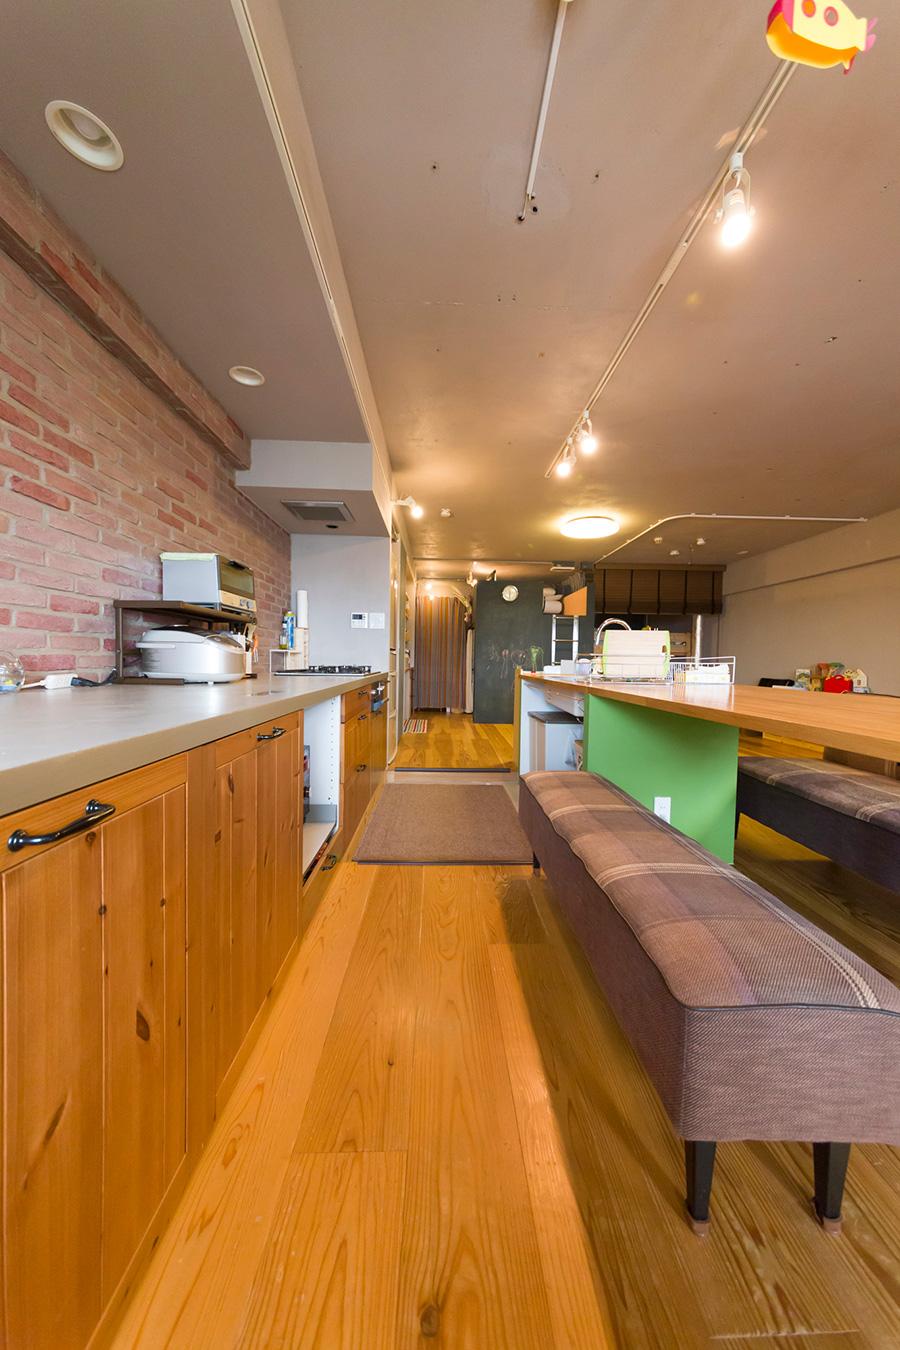 リビング側とシンク側の床に段差をつけることで、ダイニングテーブルが洗い物にもちょうどよい高さになる。キッチンの扉は『IKEA』のもの。